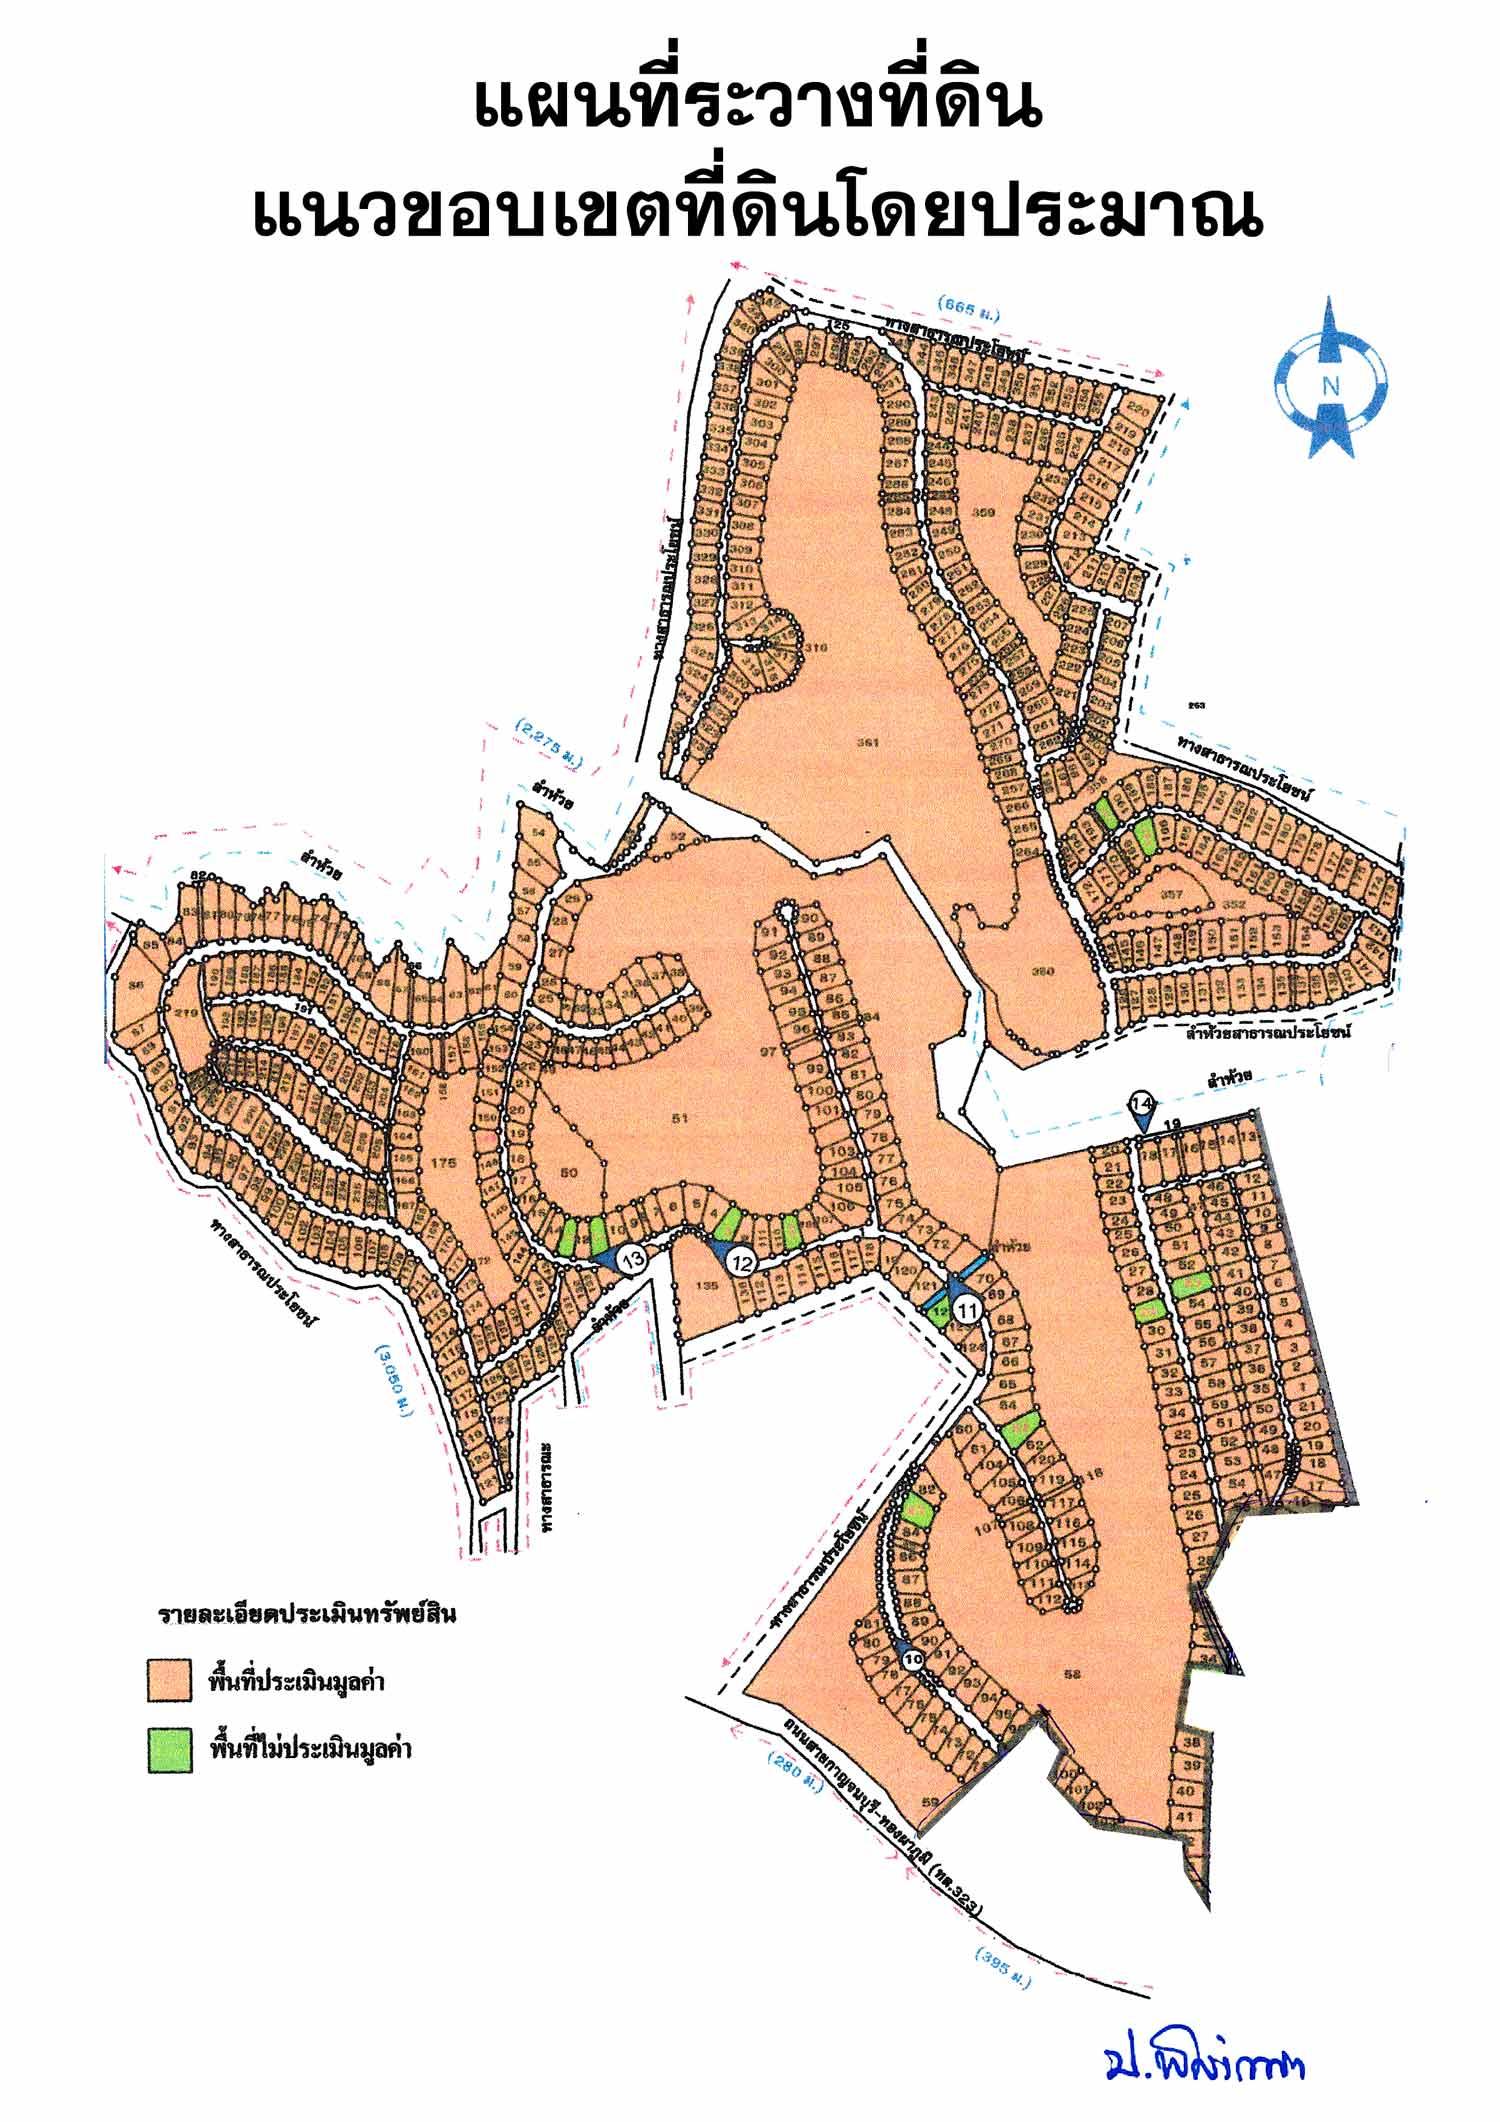 ภาพขายที่ดิน 1,616 ไร่ พร้อมสวนสัก ประดู่ติดทางหลวง 323 และ 3021 ต.สิงห์ อ.ไทรโยค จ.กาญจนบุรี